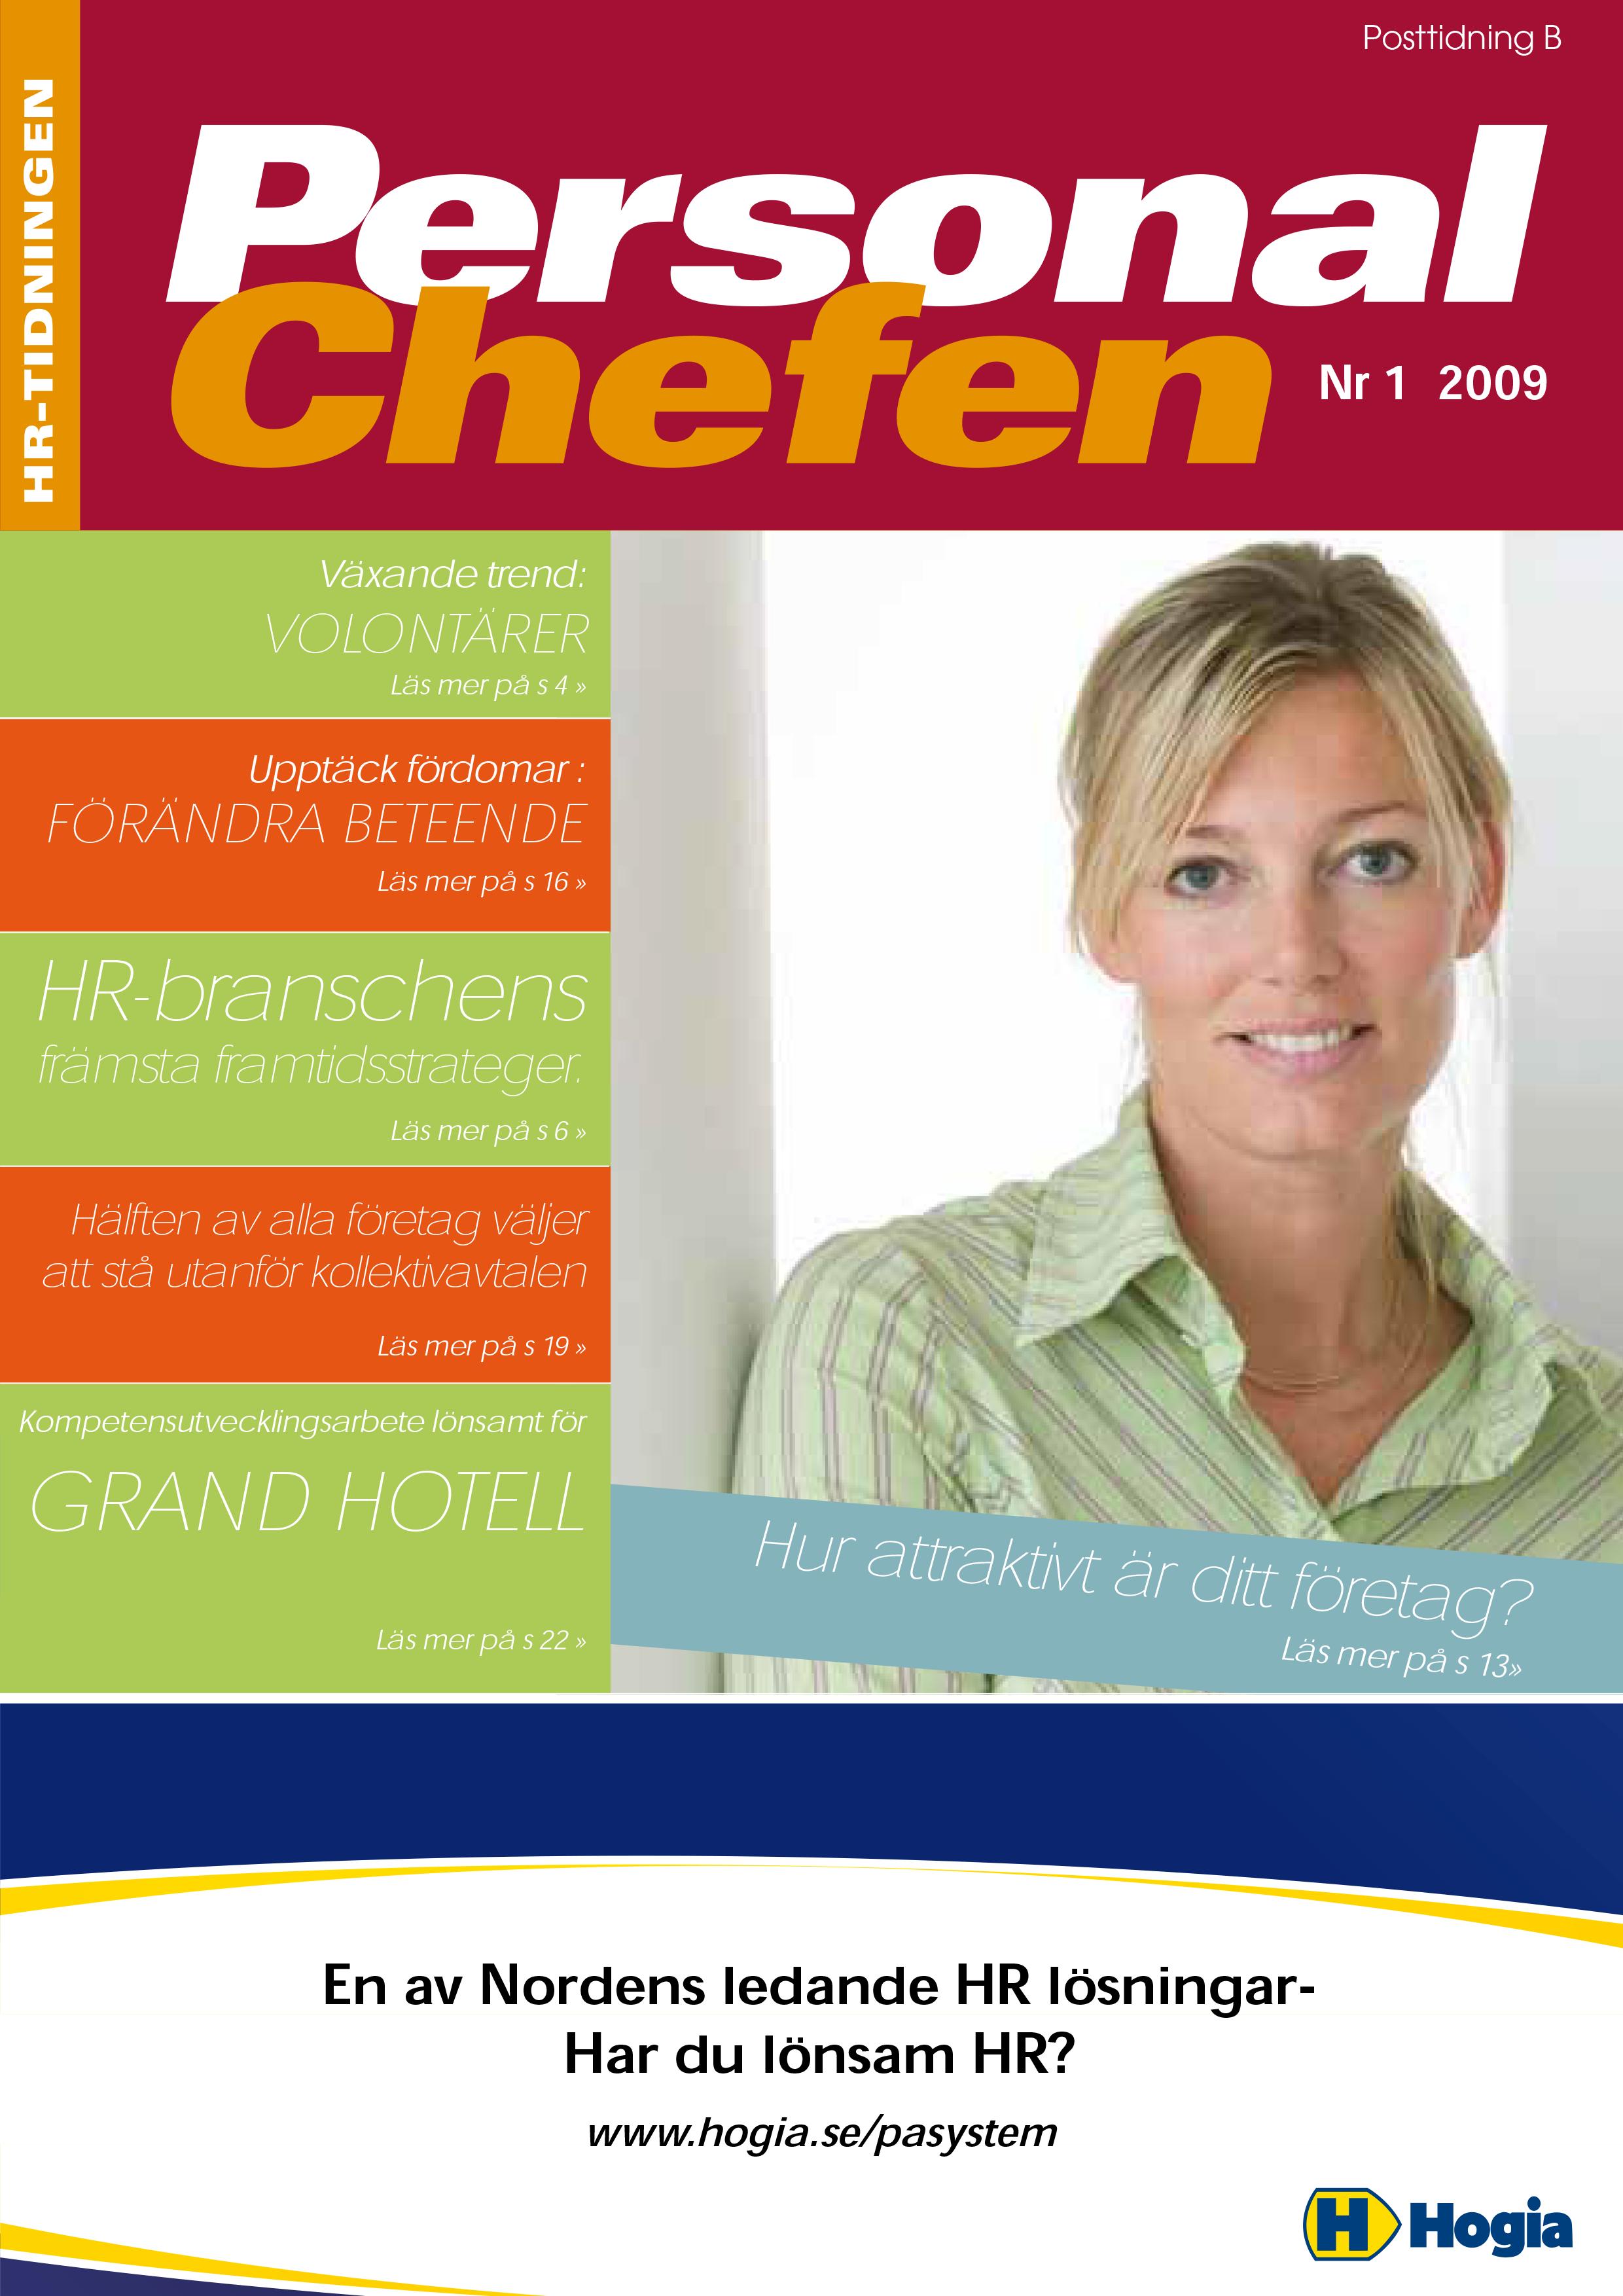 Personalchefen nummer 1:2009